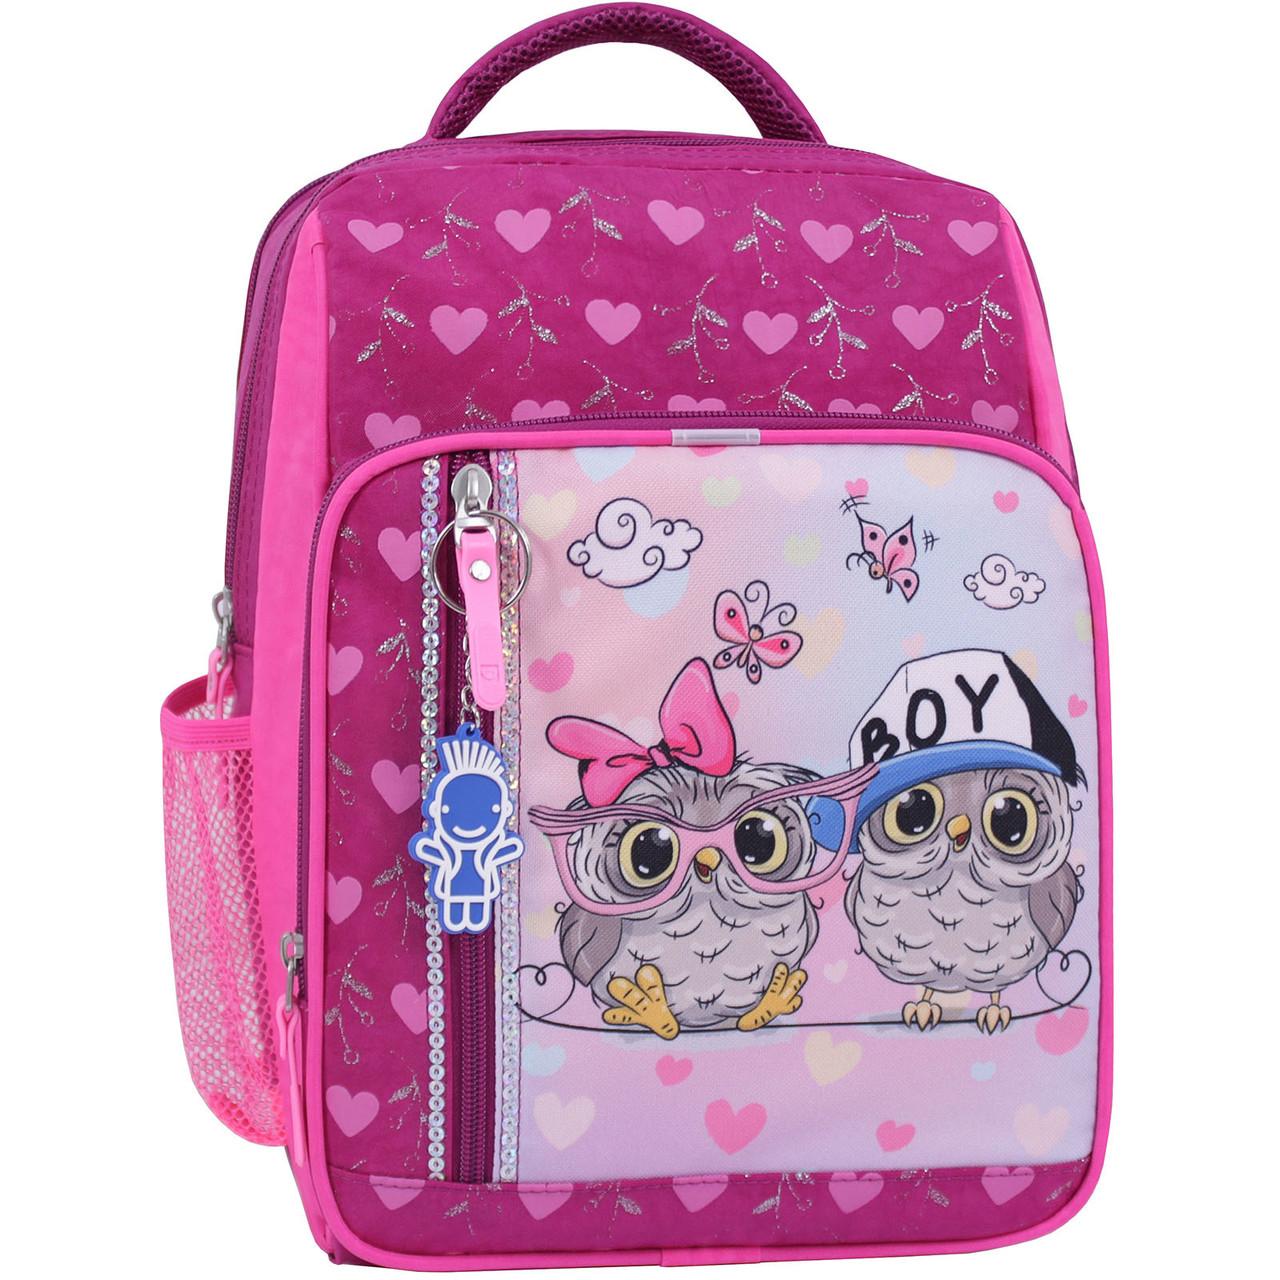 Рюкзак школьный для девочки Bagland Школьник 8 л. 143 малиновый 515 совы (0012870)